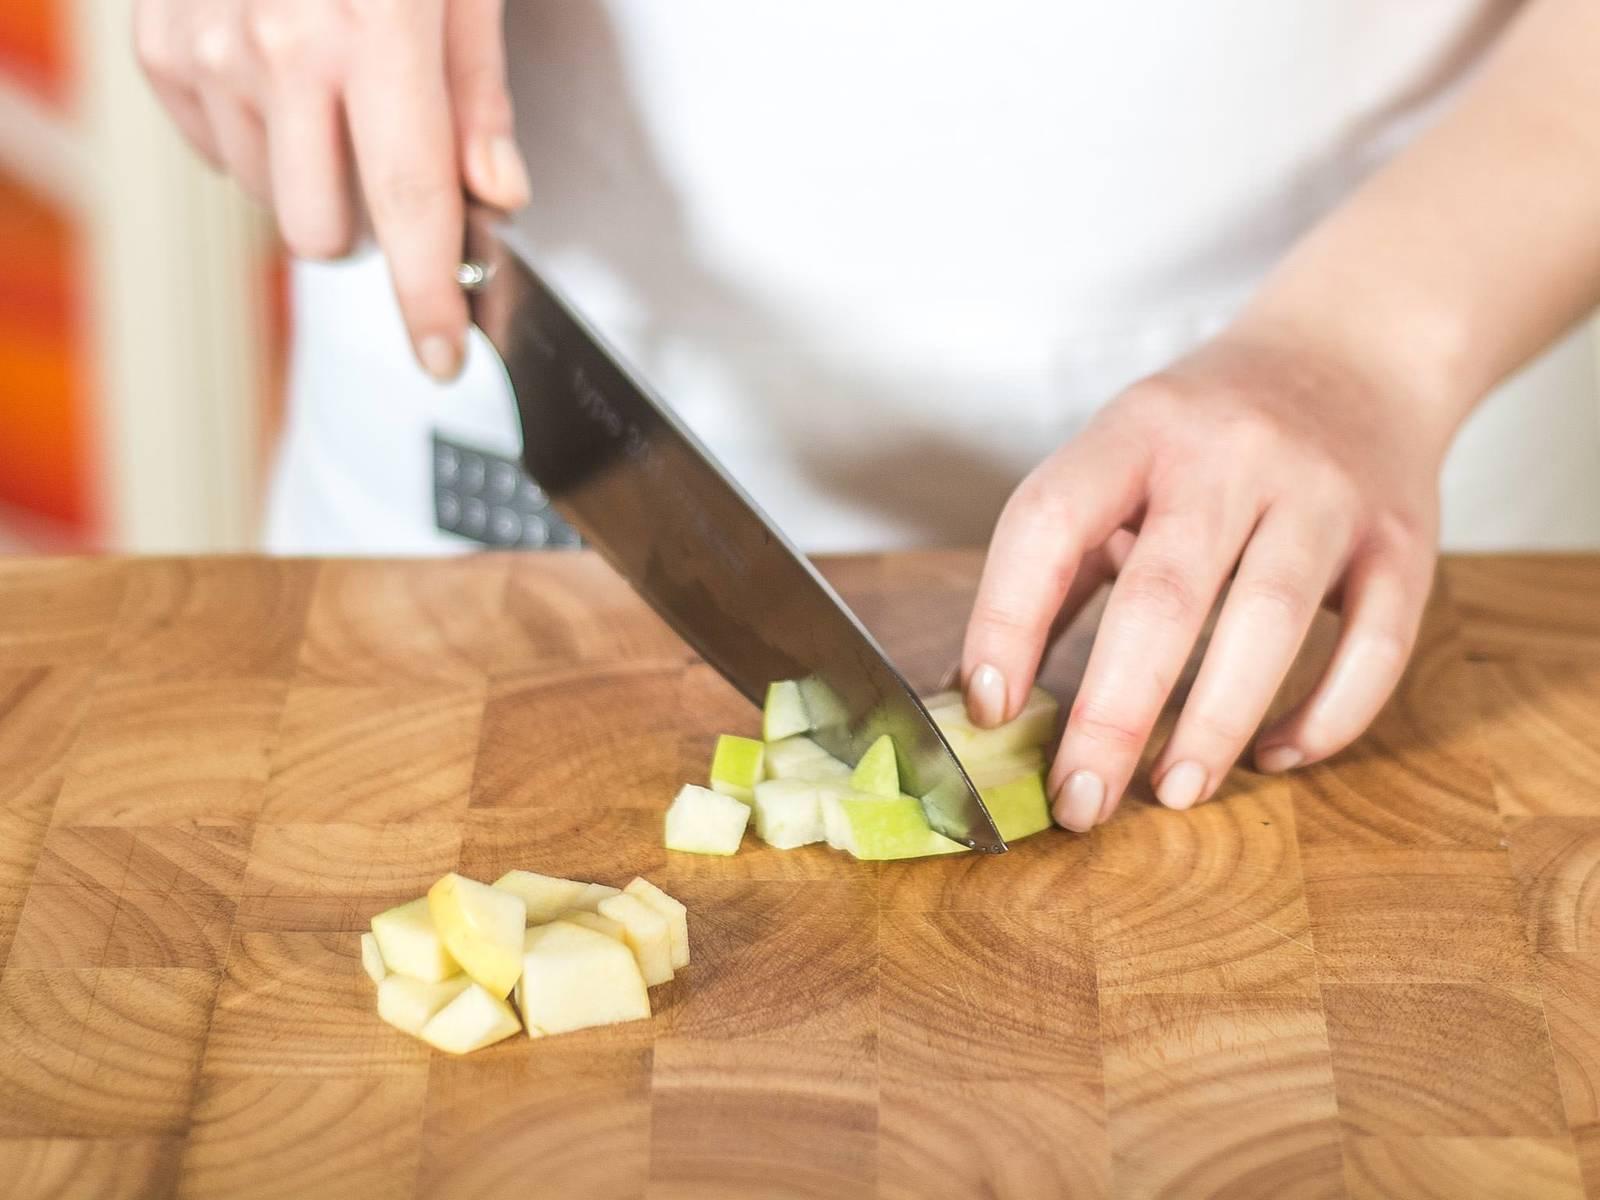 调制酸辣酱:苹果切成小方块。